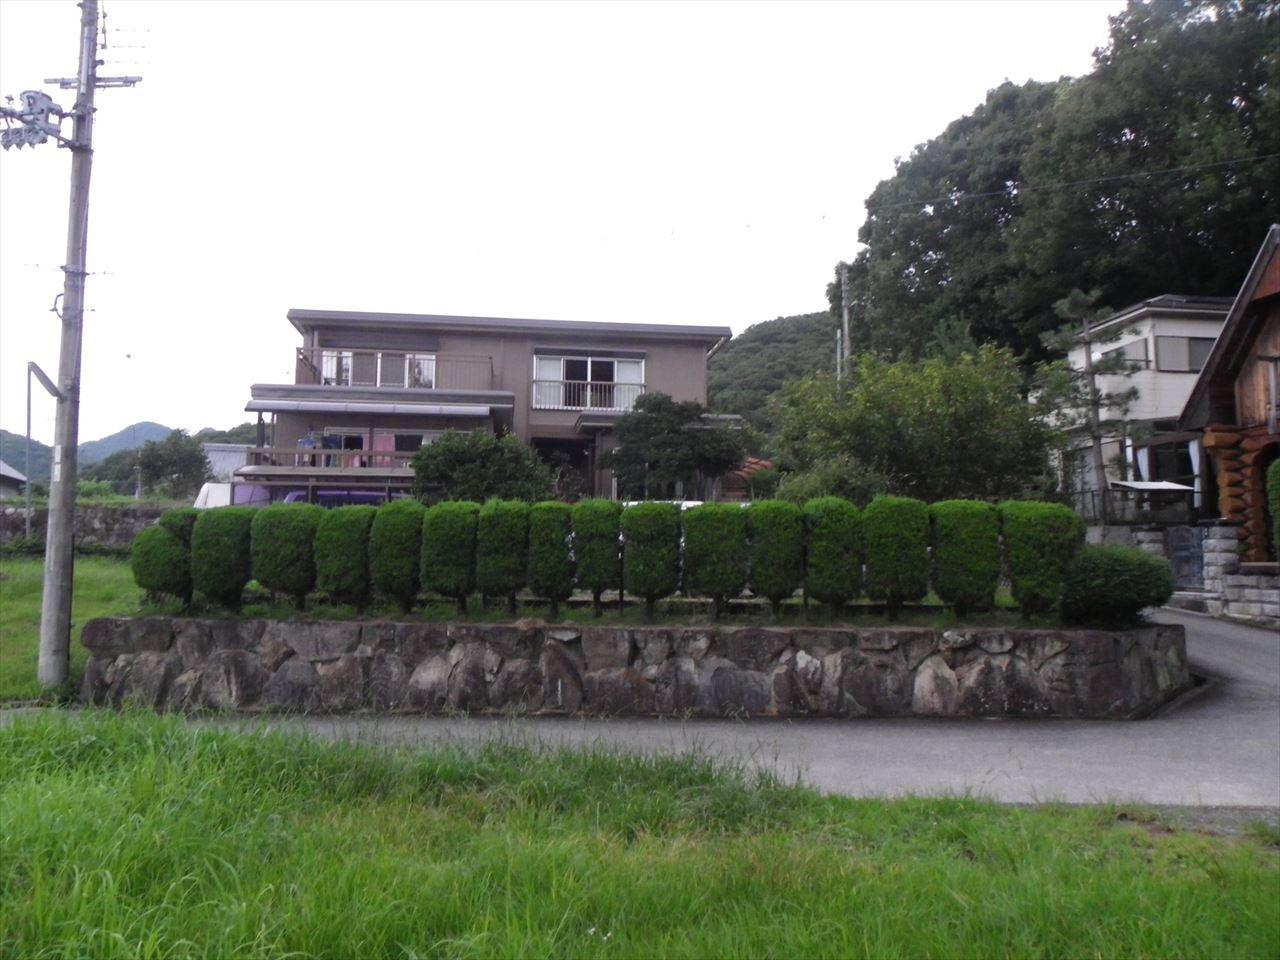 ◆前面に池や山々を眺められる景色のよい三田市の住宅物件◆ ◎前面に池や山々を眺められる景色のよい三田市の住宅物件◎